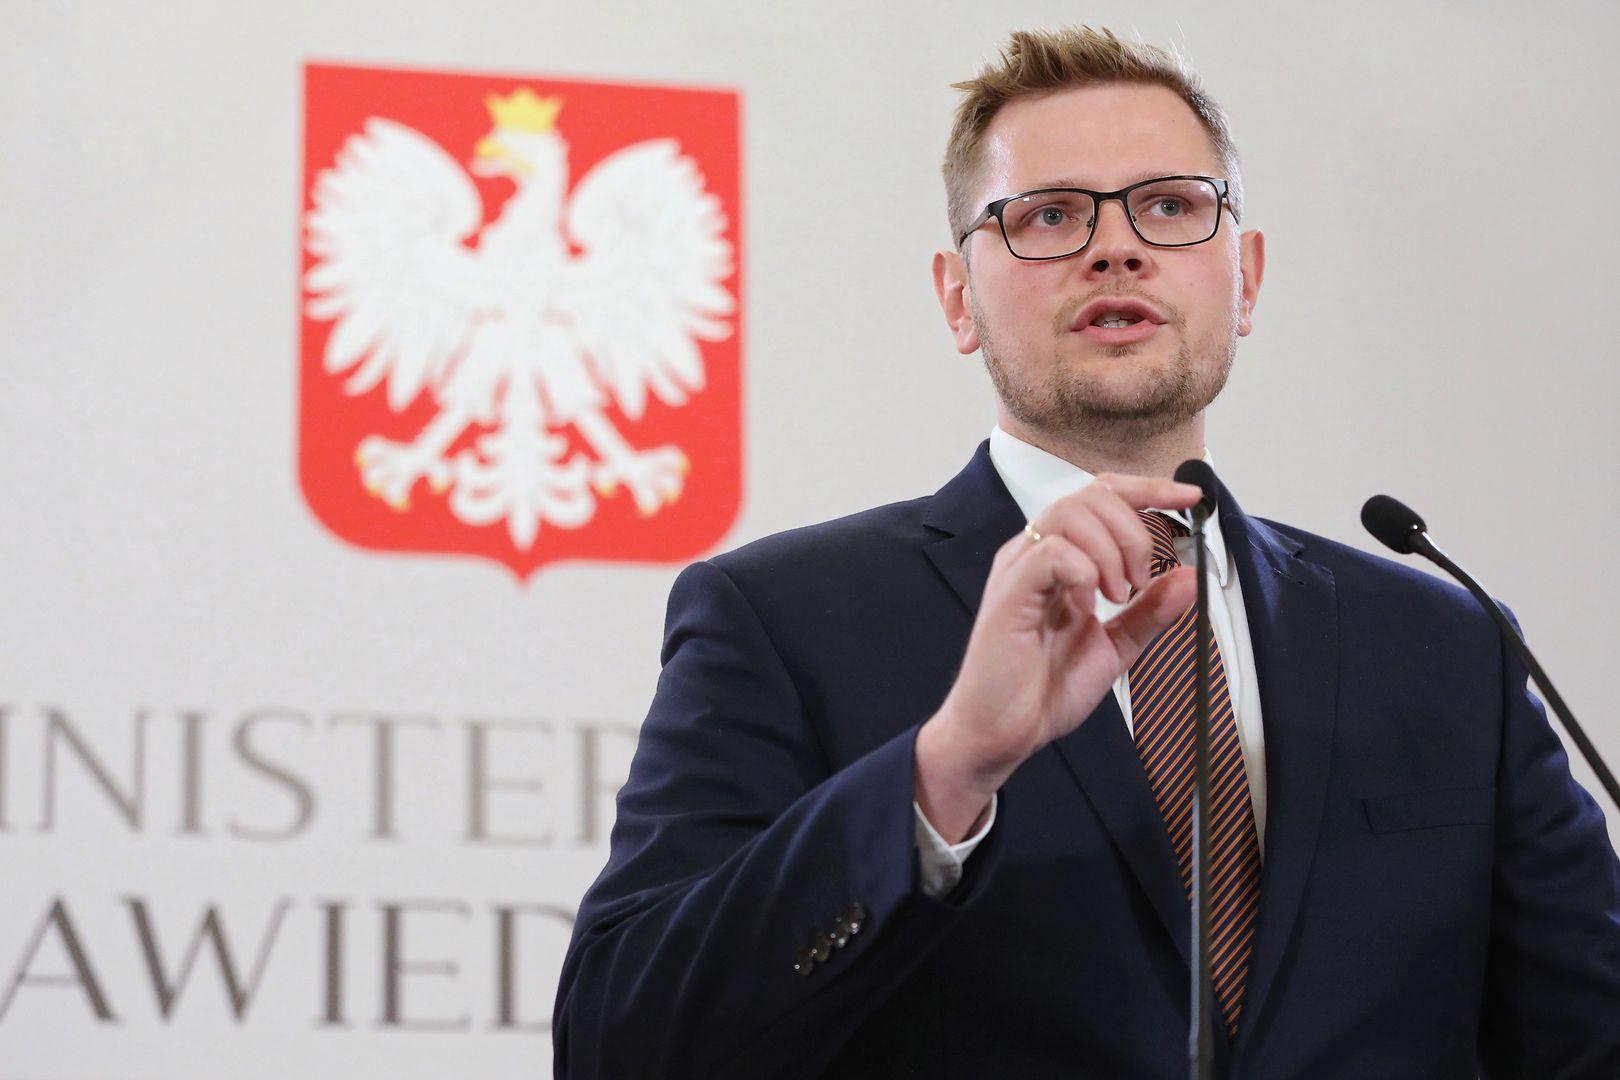 """Tusk poprosił Ziobrę o wybaczenie. Wiceminister: """"Słowa obrzydliwe, skandaliczne"""""""